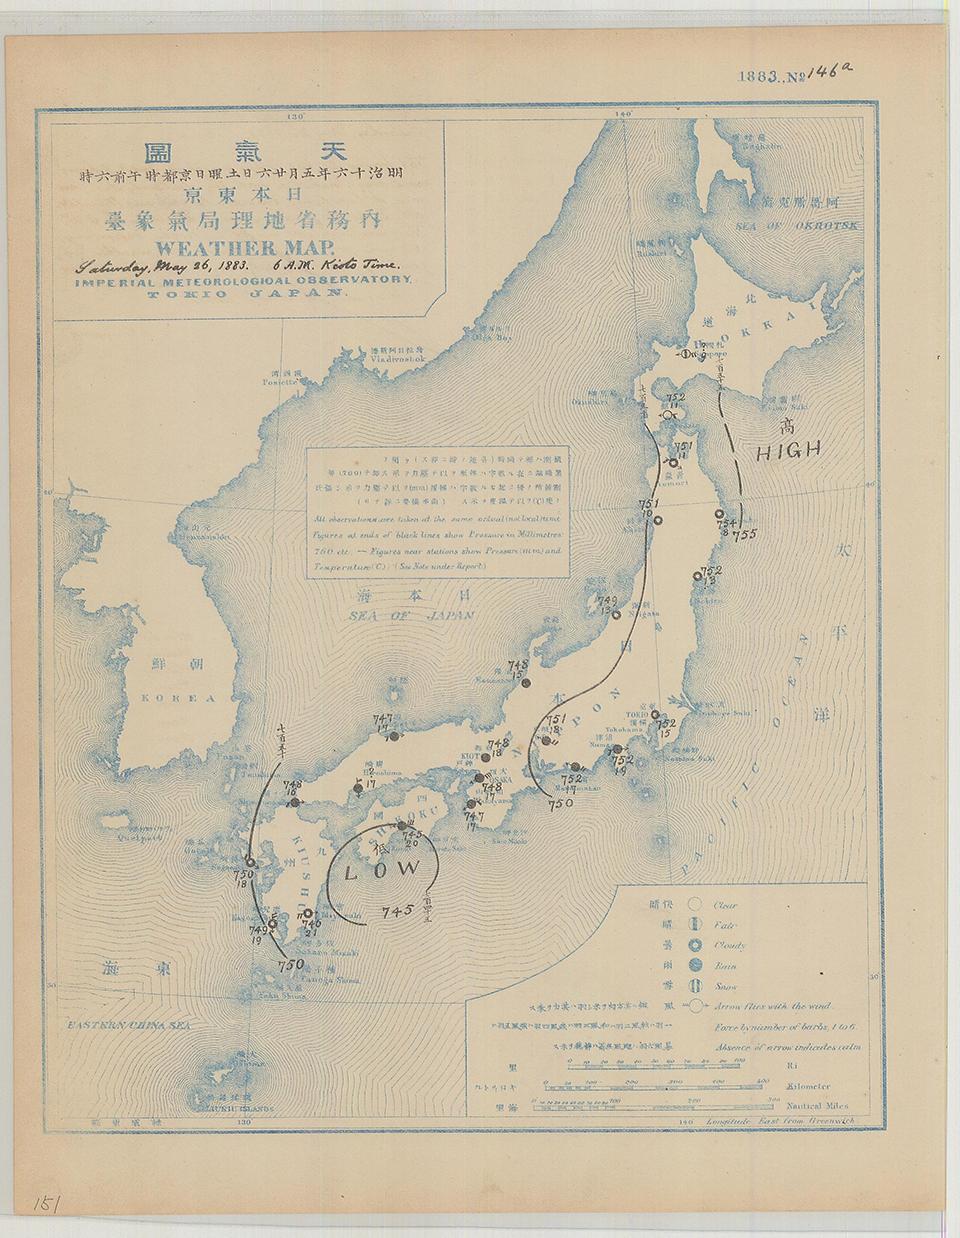 18830526_地上天気図